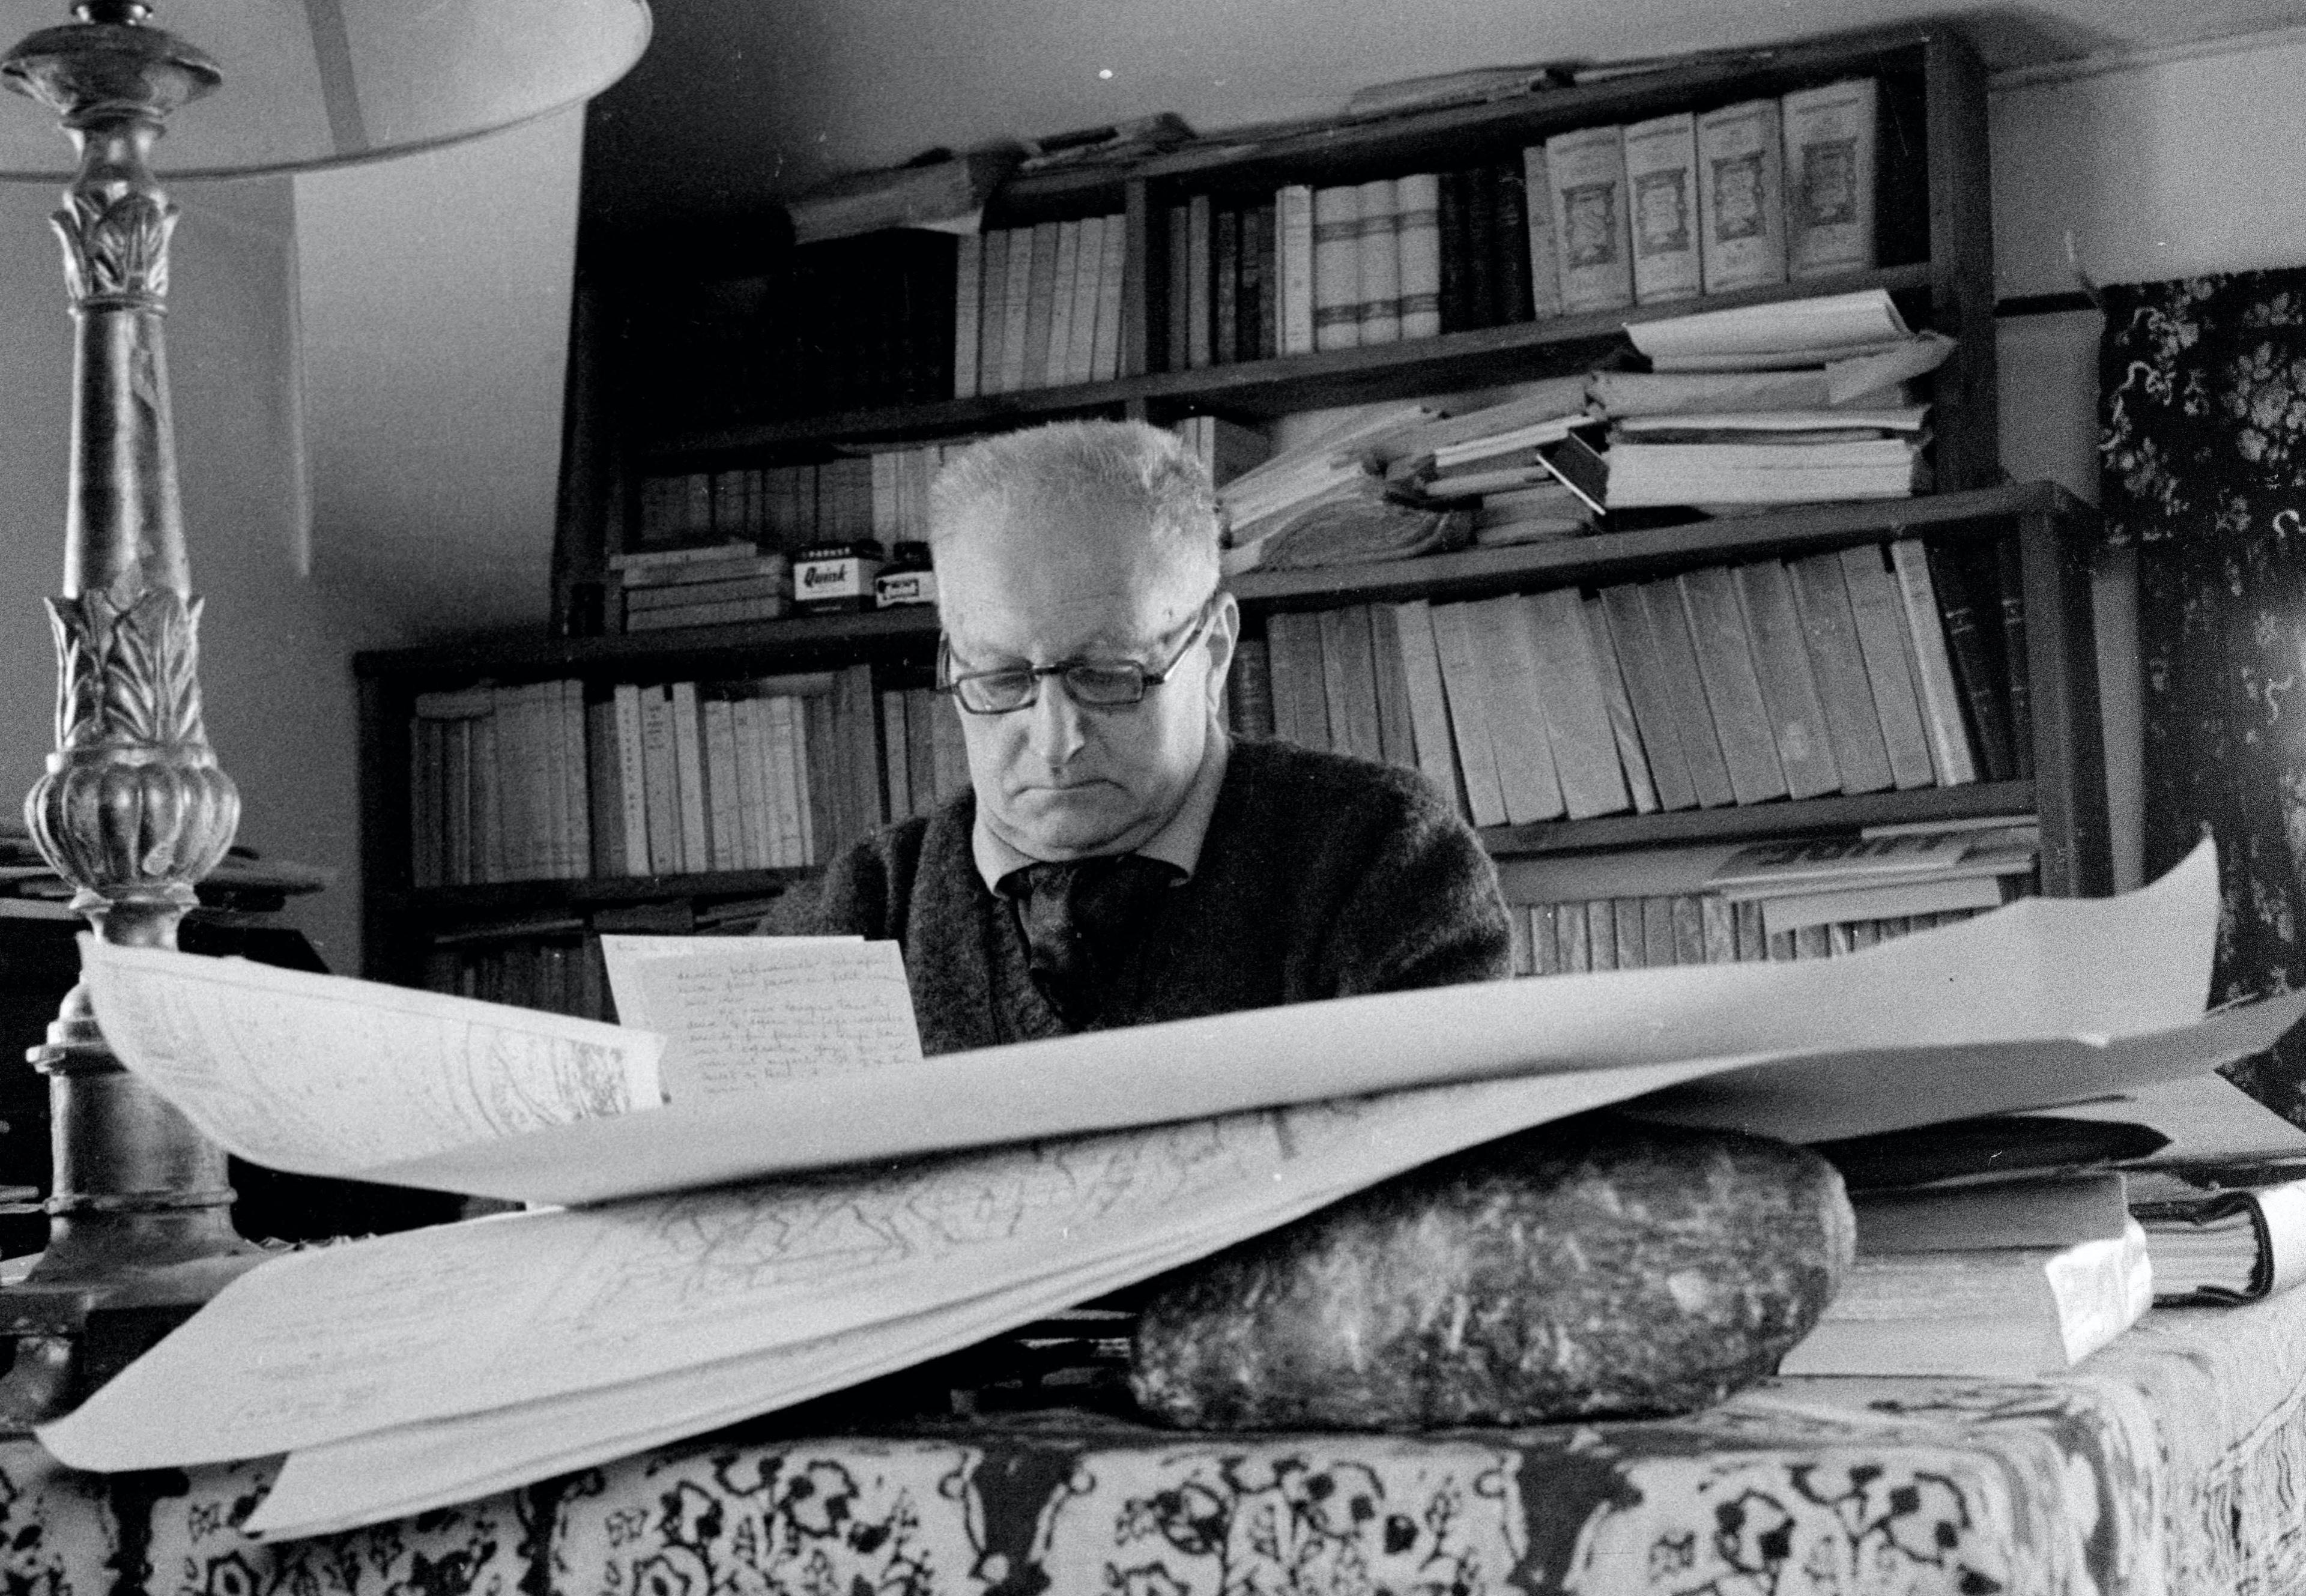 Jean Giono dans sa maison (1962) © Michele Brabo/ Opale